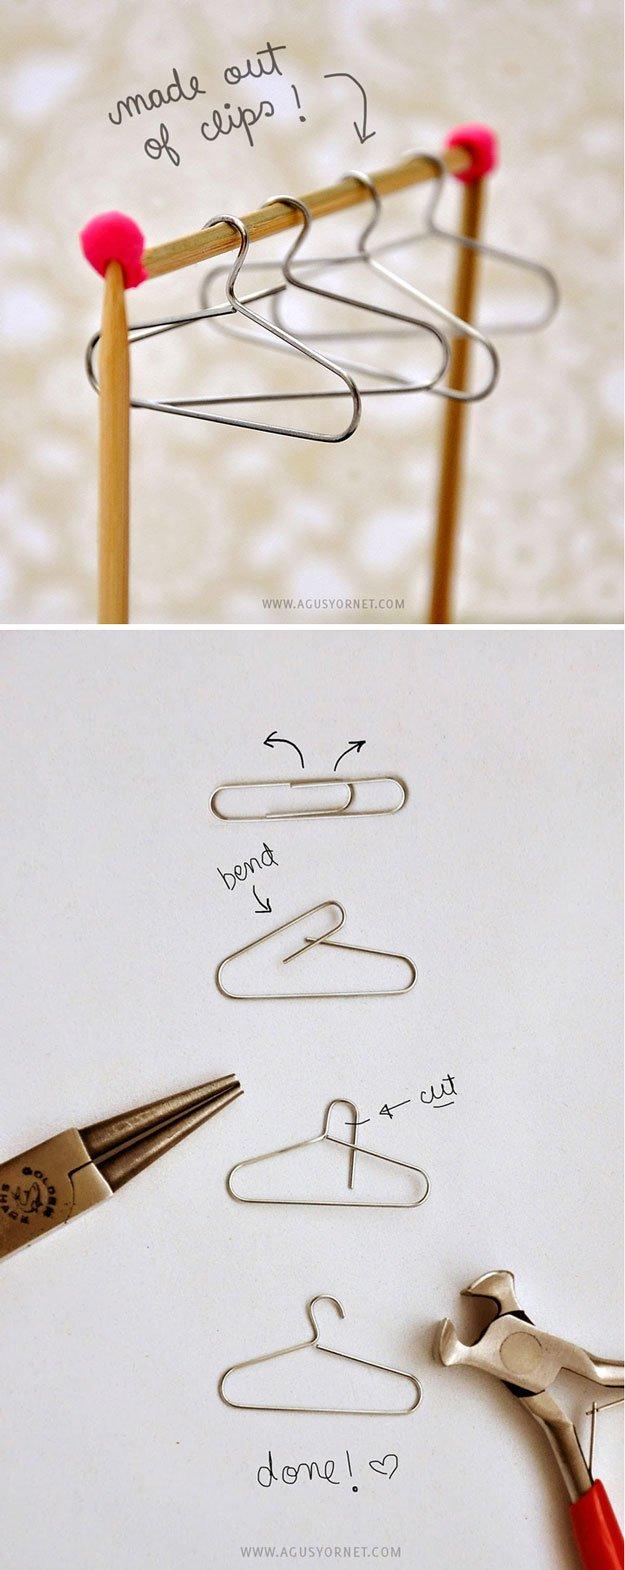 25 Creative Scrapbooking Designs Diy Ideas Page 4